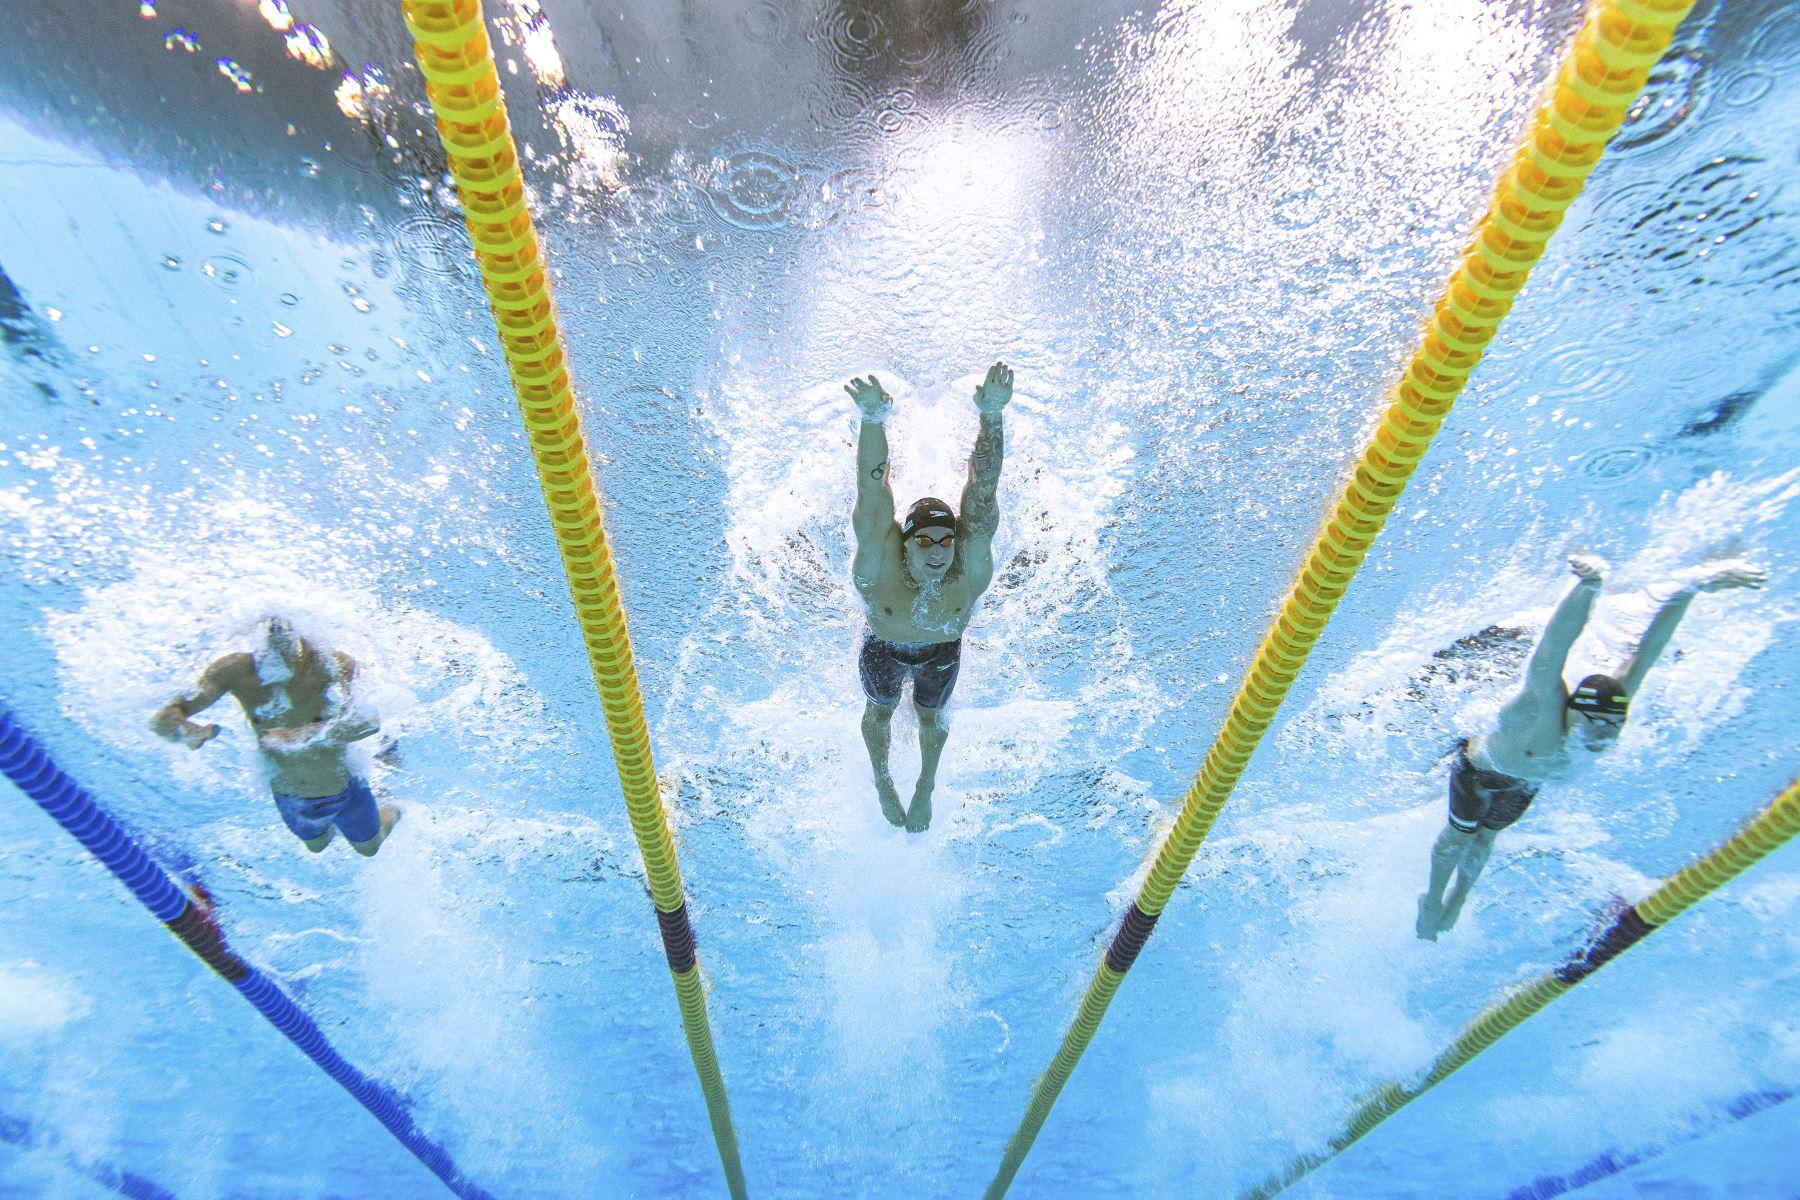 Una vista submarina muestra al húngaro Kristof Milak, el estadounidense Caeleb Dressel y el suizo Noe Ponti, mientras compiten en la final de natación estilo mariposa - 100 metros, durante los Juegos Olímpicos de Tokio 2020, en el Centro Acuático de Tokio. Foto: AFP